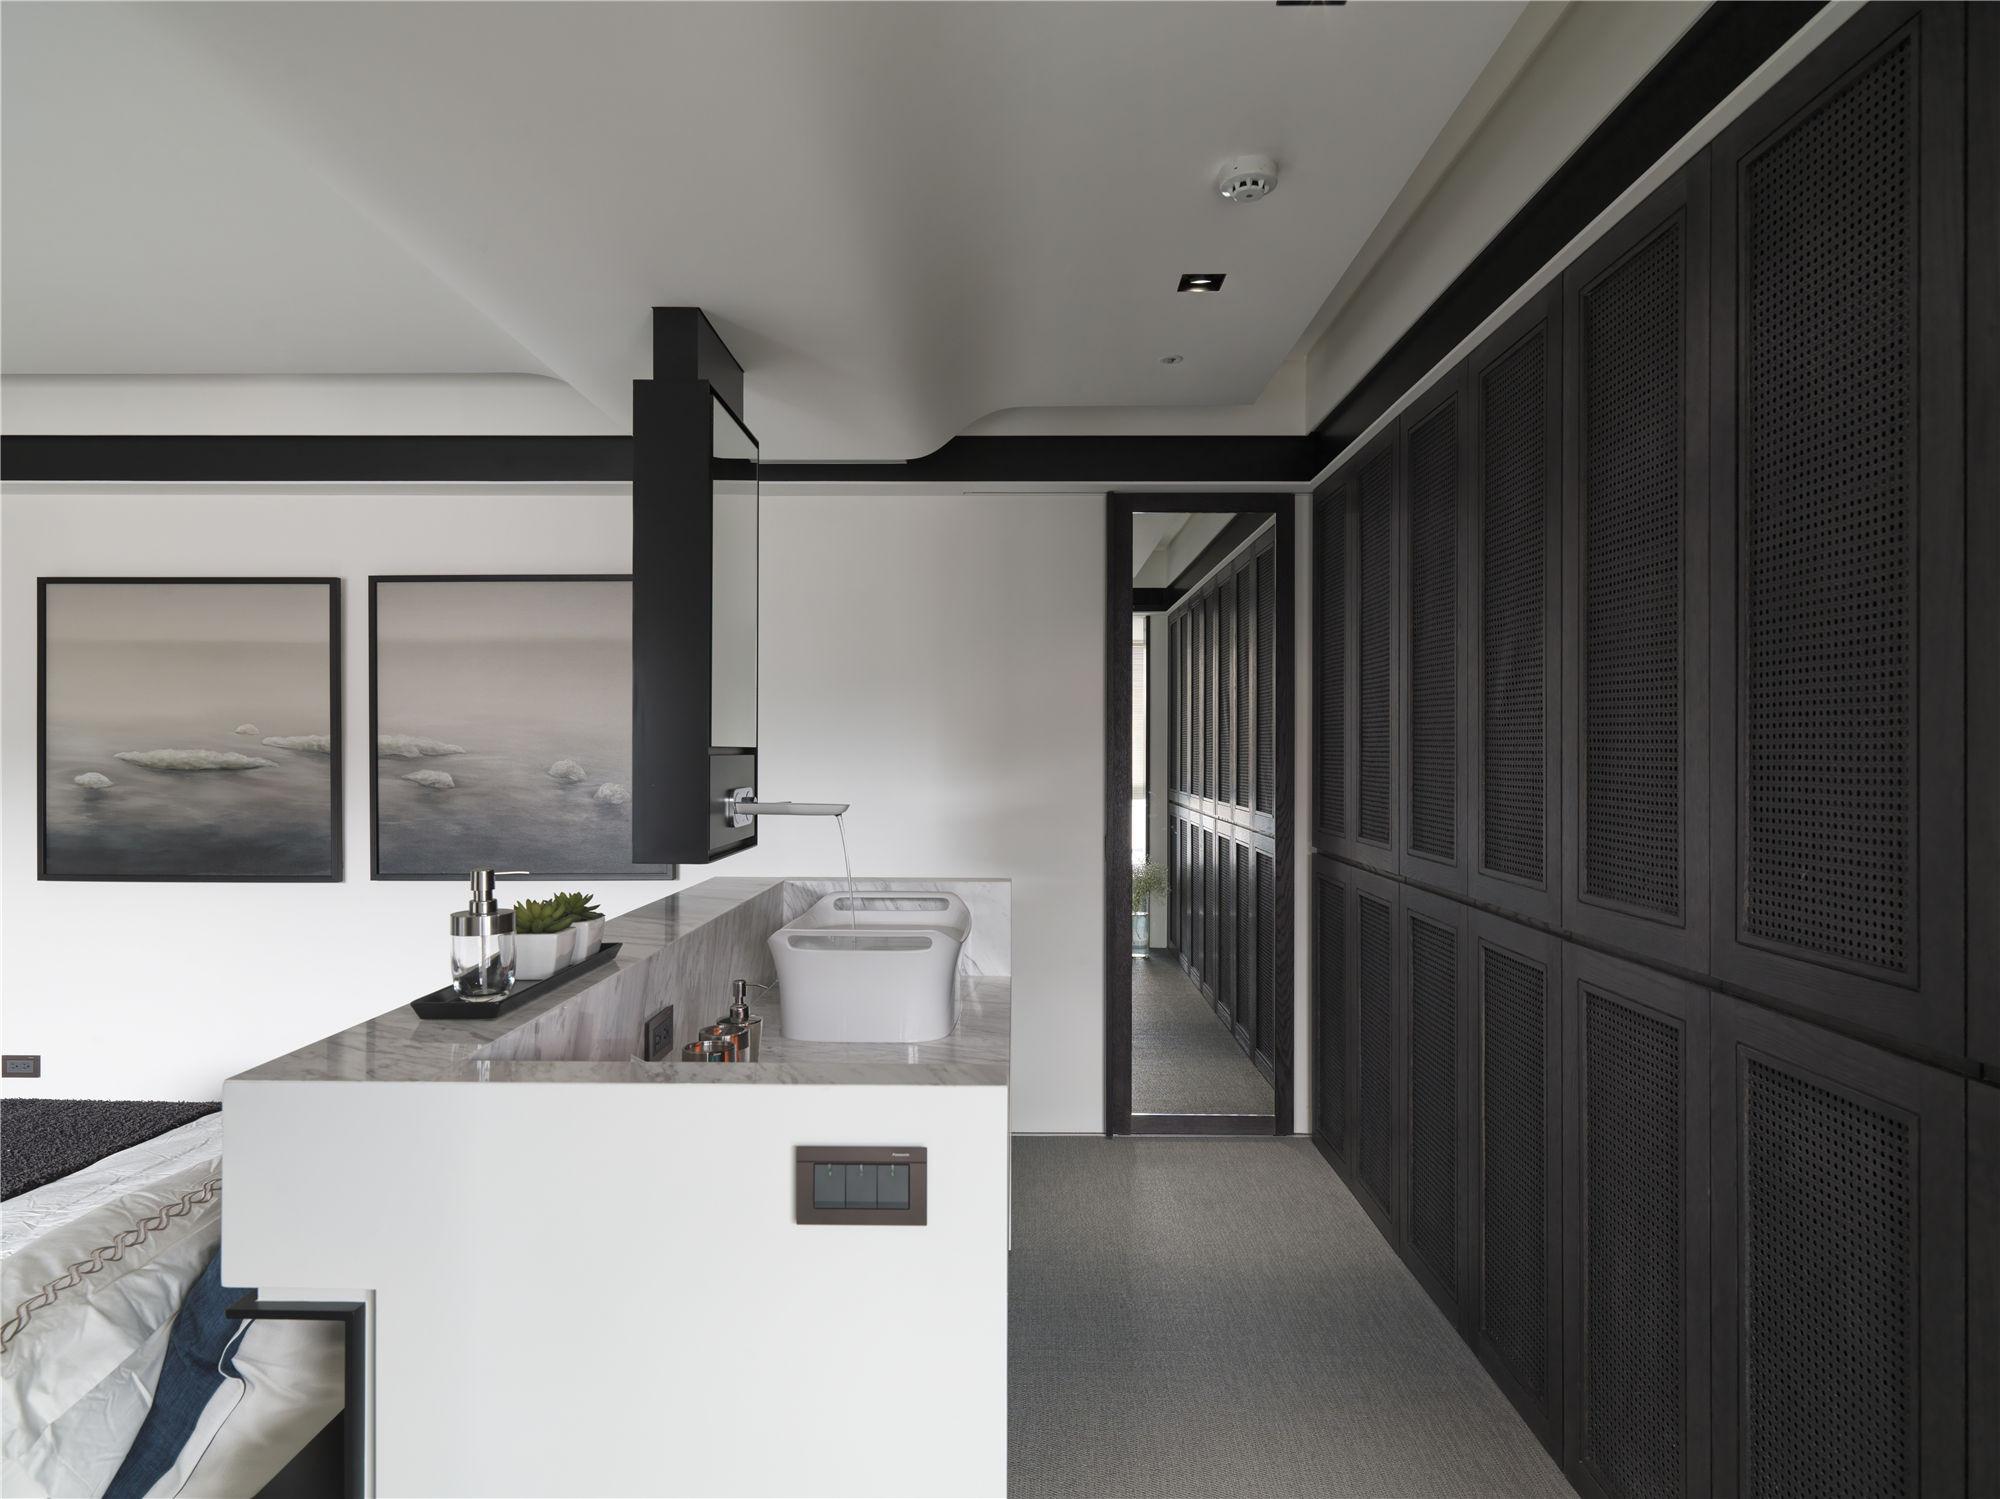 黑白灰现代简约空间装修洗手台设计